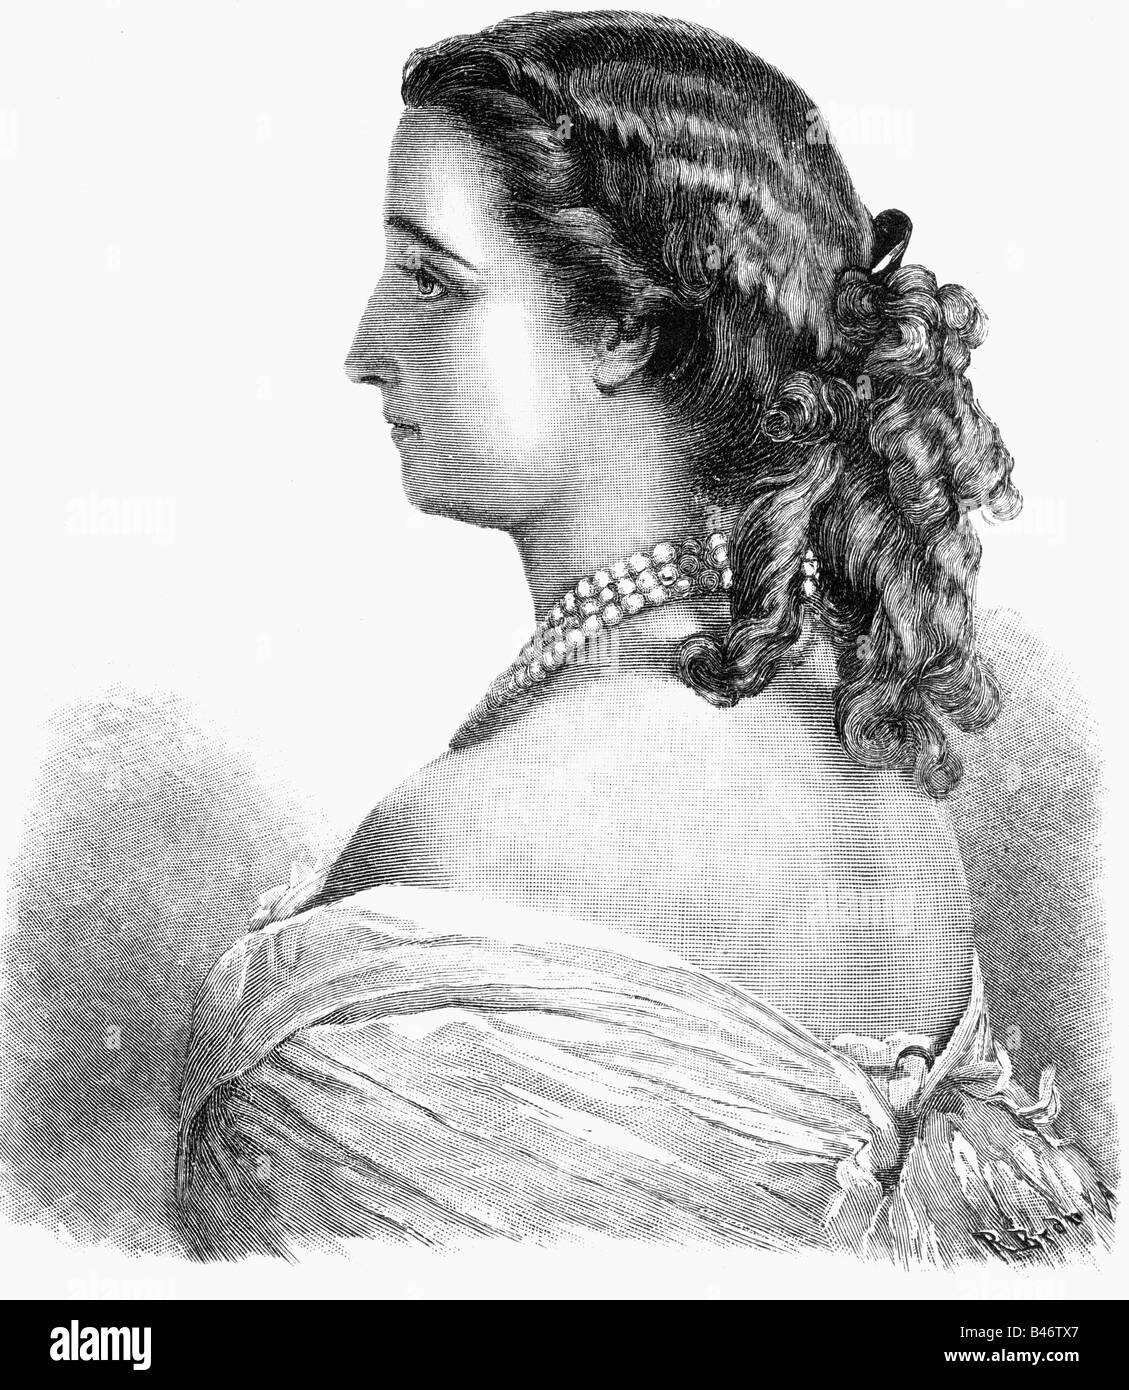 Eugenie, 5.5.1826 - 11.7.1920, Kaisersteinbruch Frankreich 30.1.185.10 - 4.9.1870, halbe Länge, Holzgravur nach Stockfoto